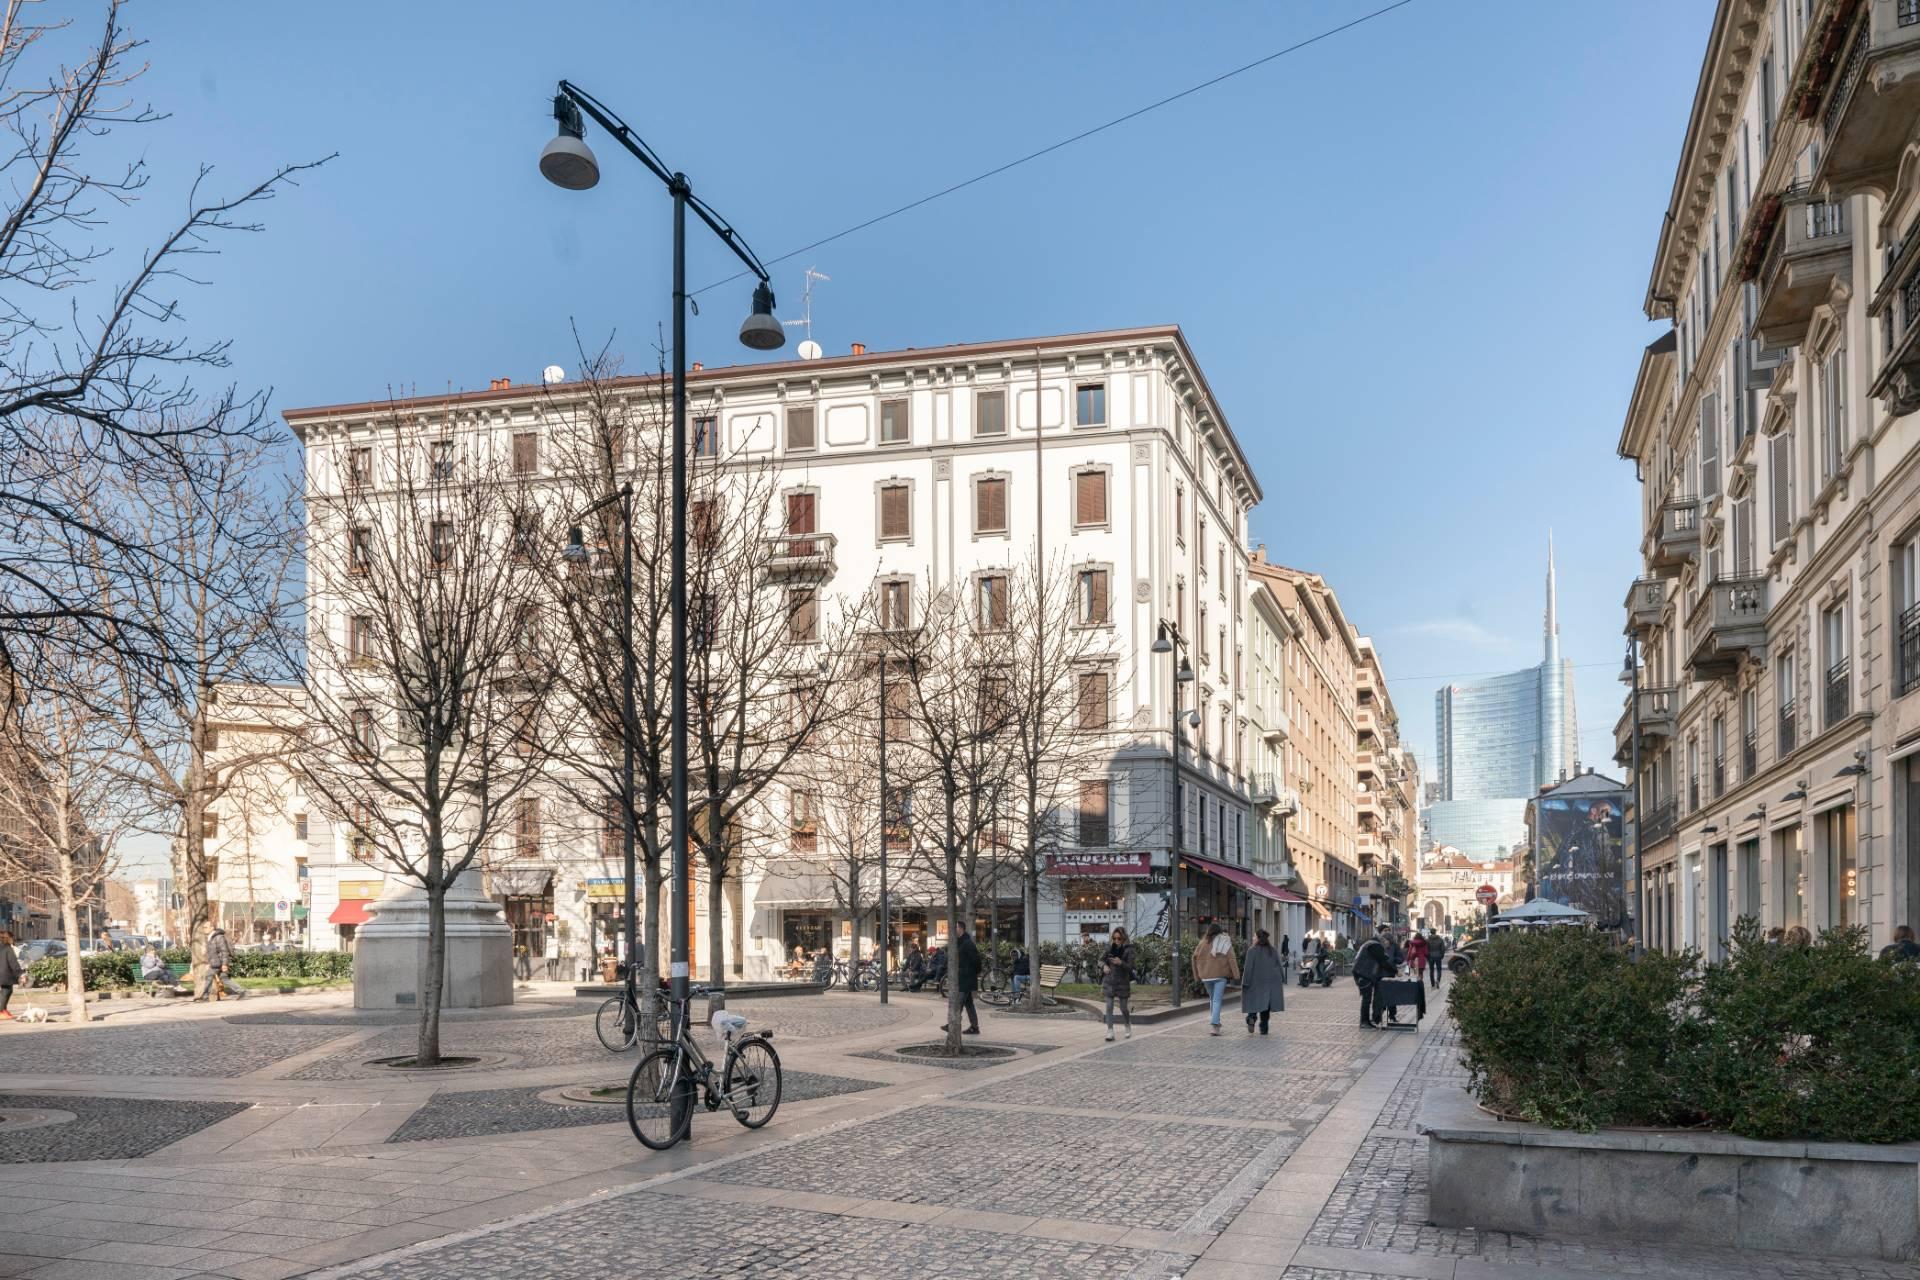 Negozio-locale in Vendita a Milano: 1 locali, 23 mq